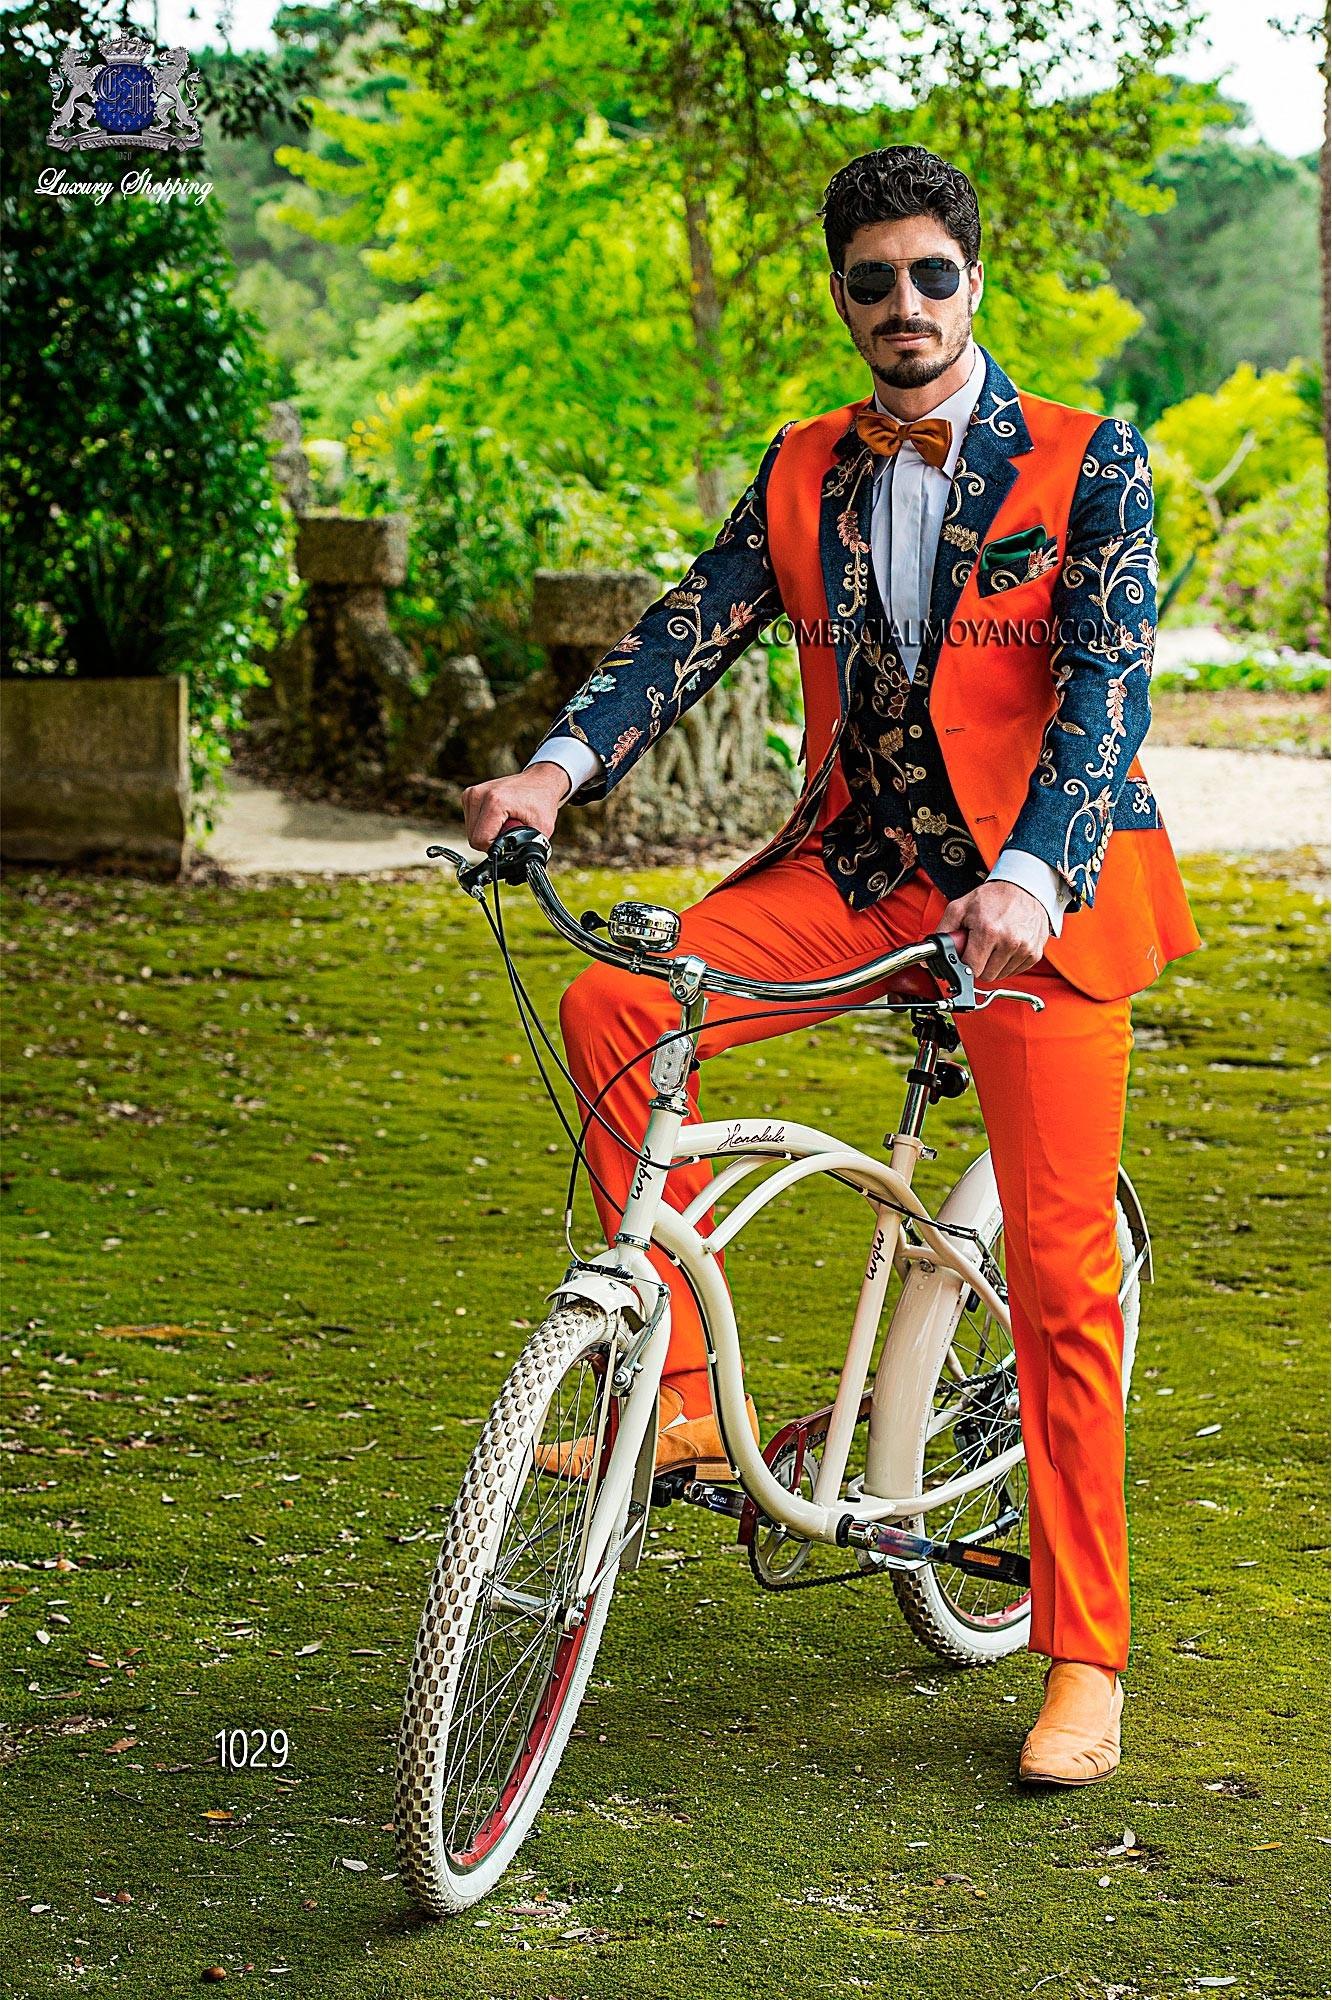 Traje de novio Hipster naranja modelo: 1029 Ottavio Nuccio Gala colección Hipster